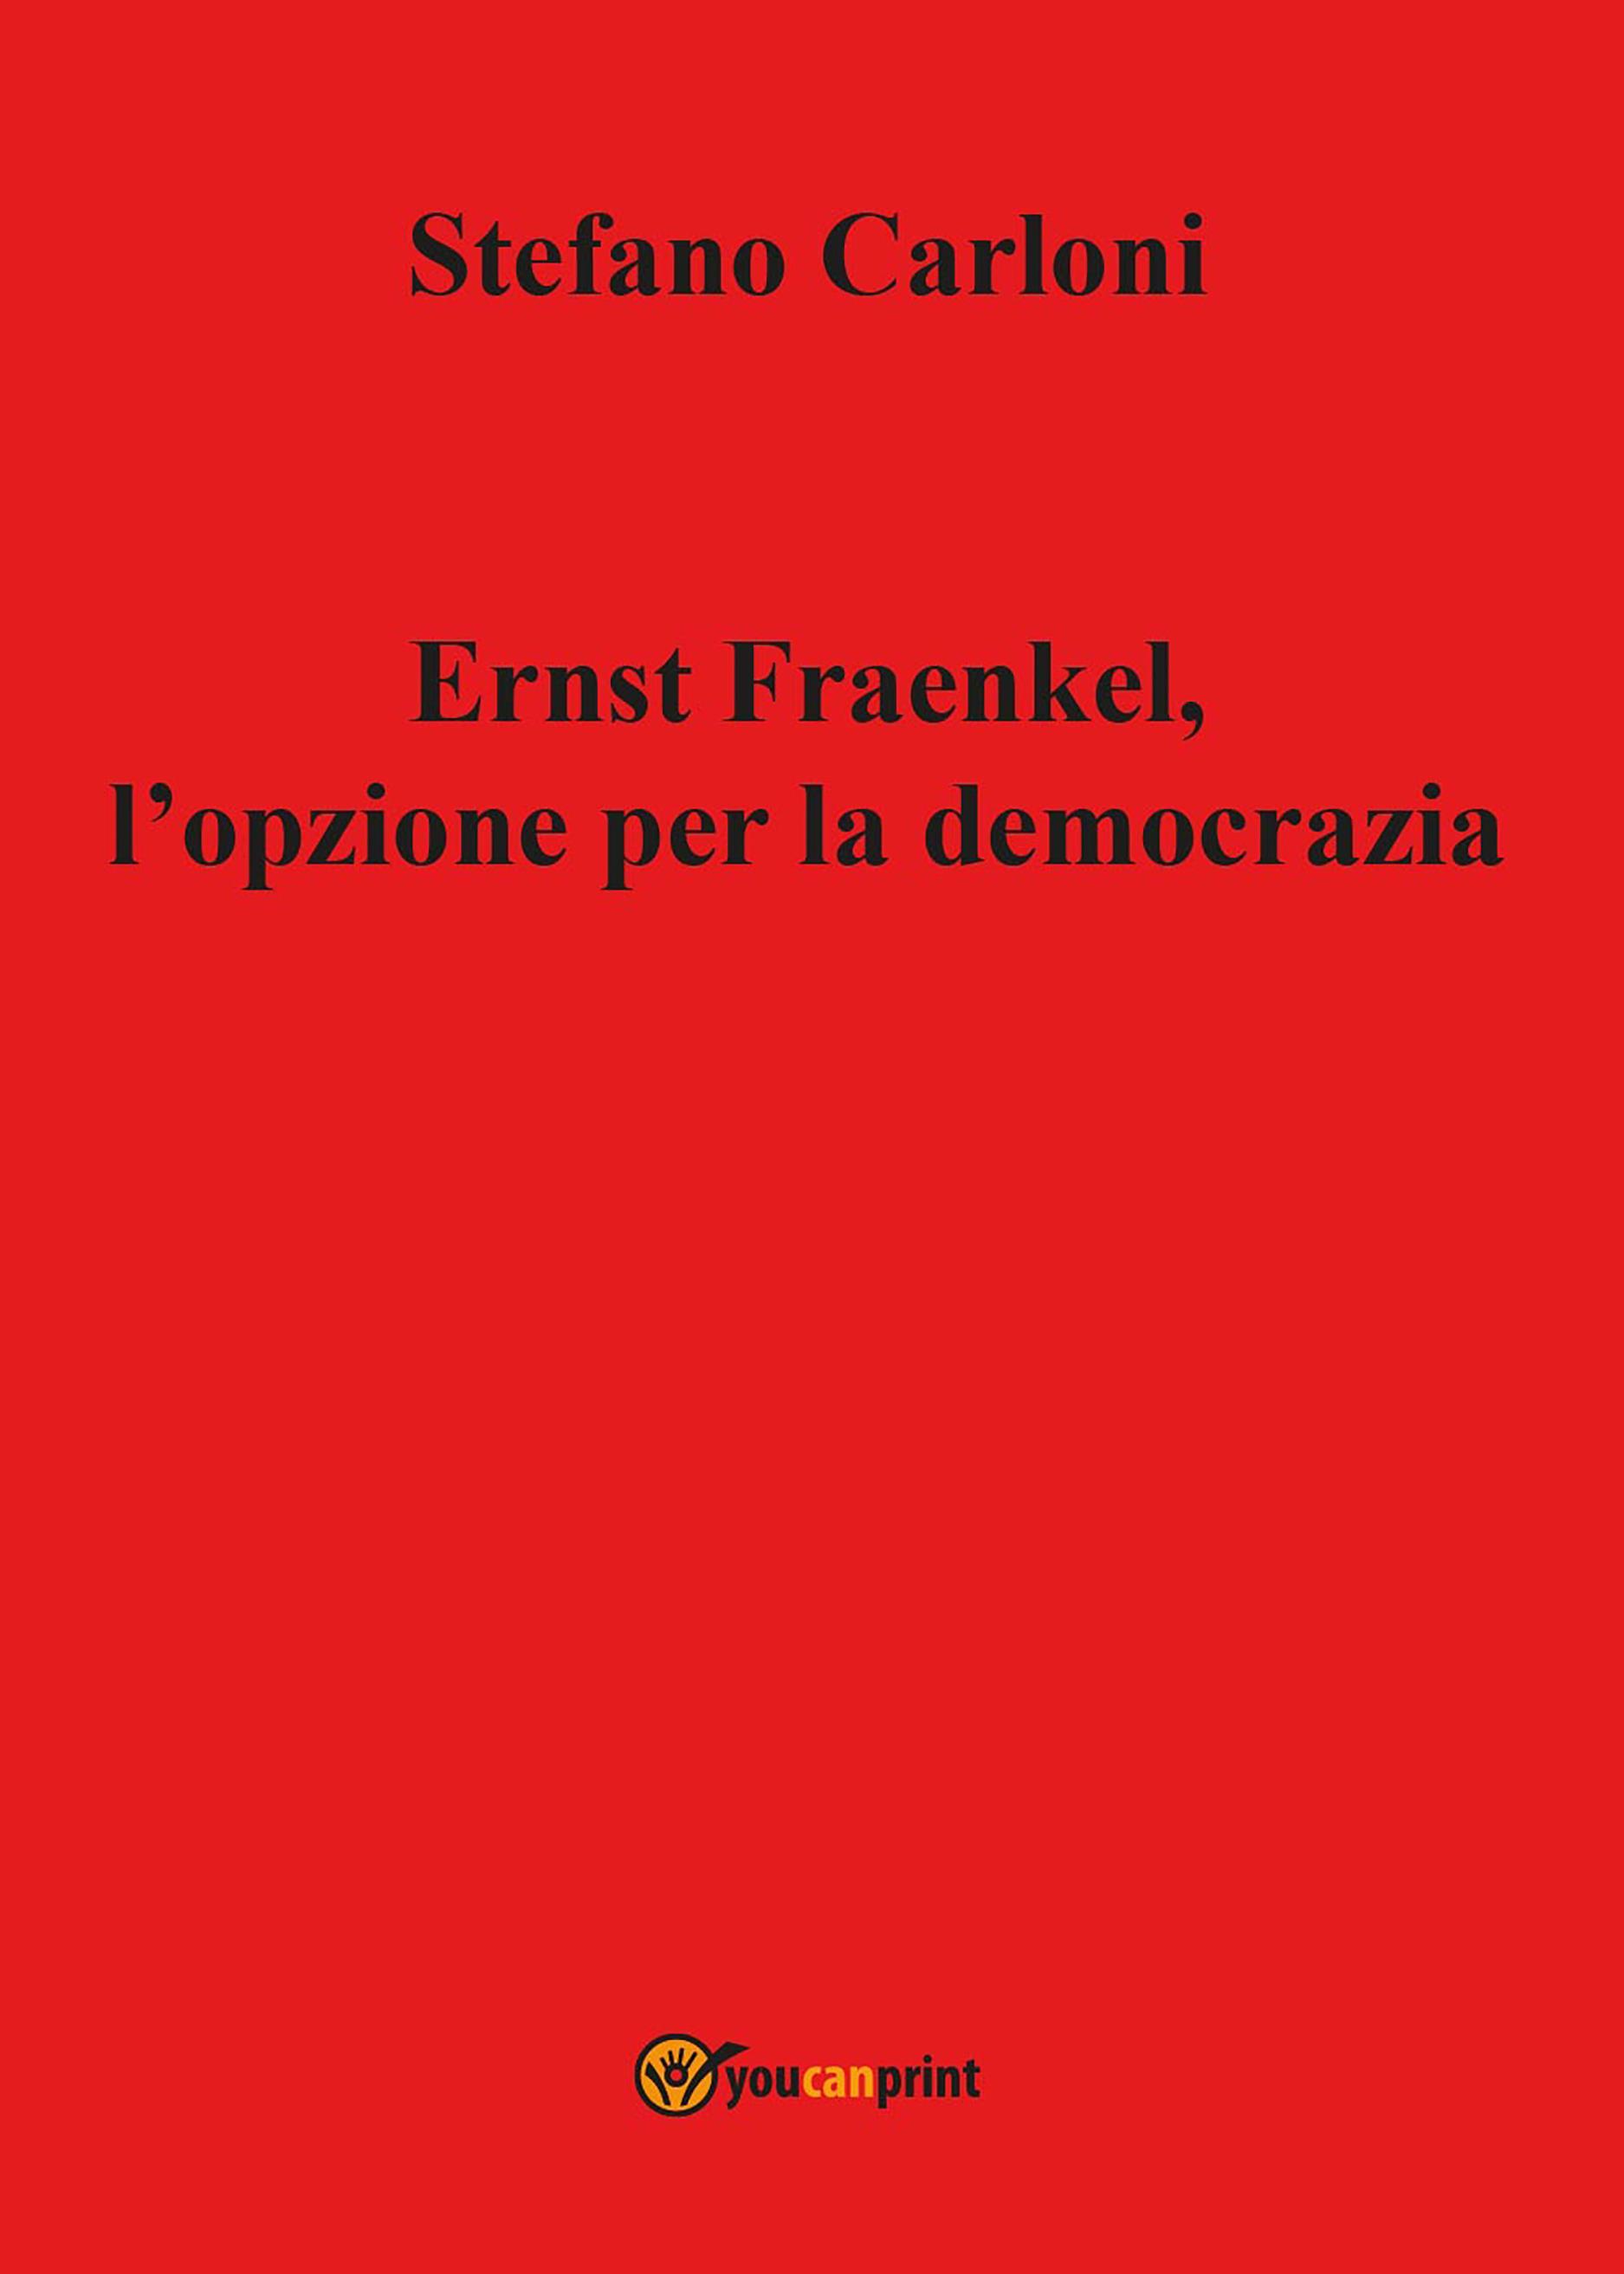 Ernst Fraenkel, l'opzione per la democrazia